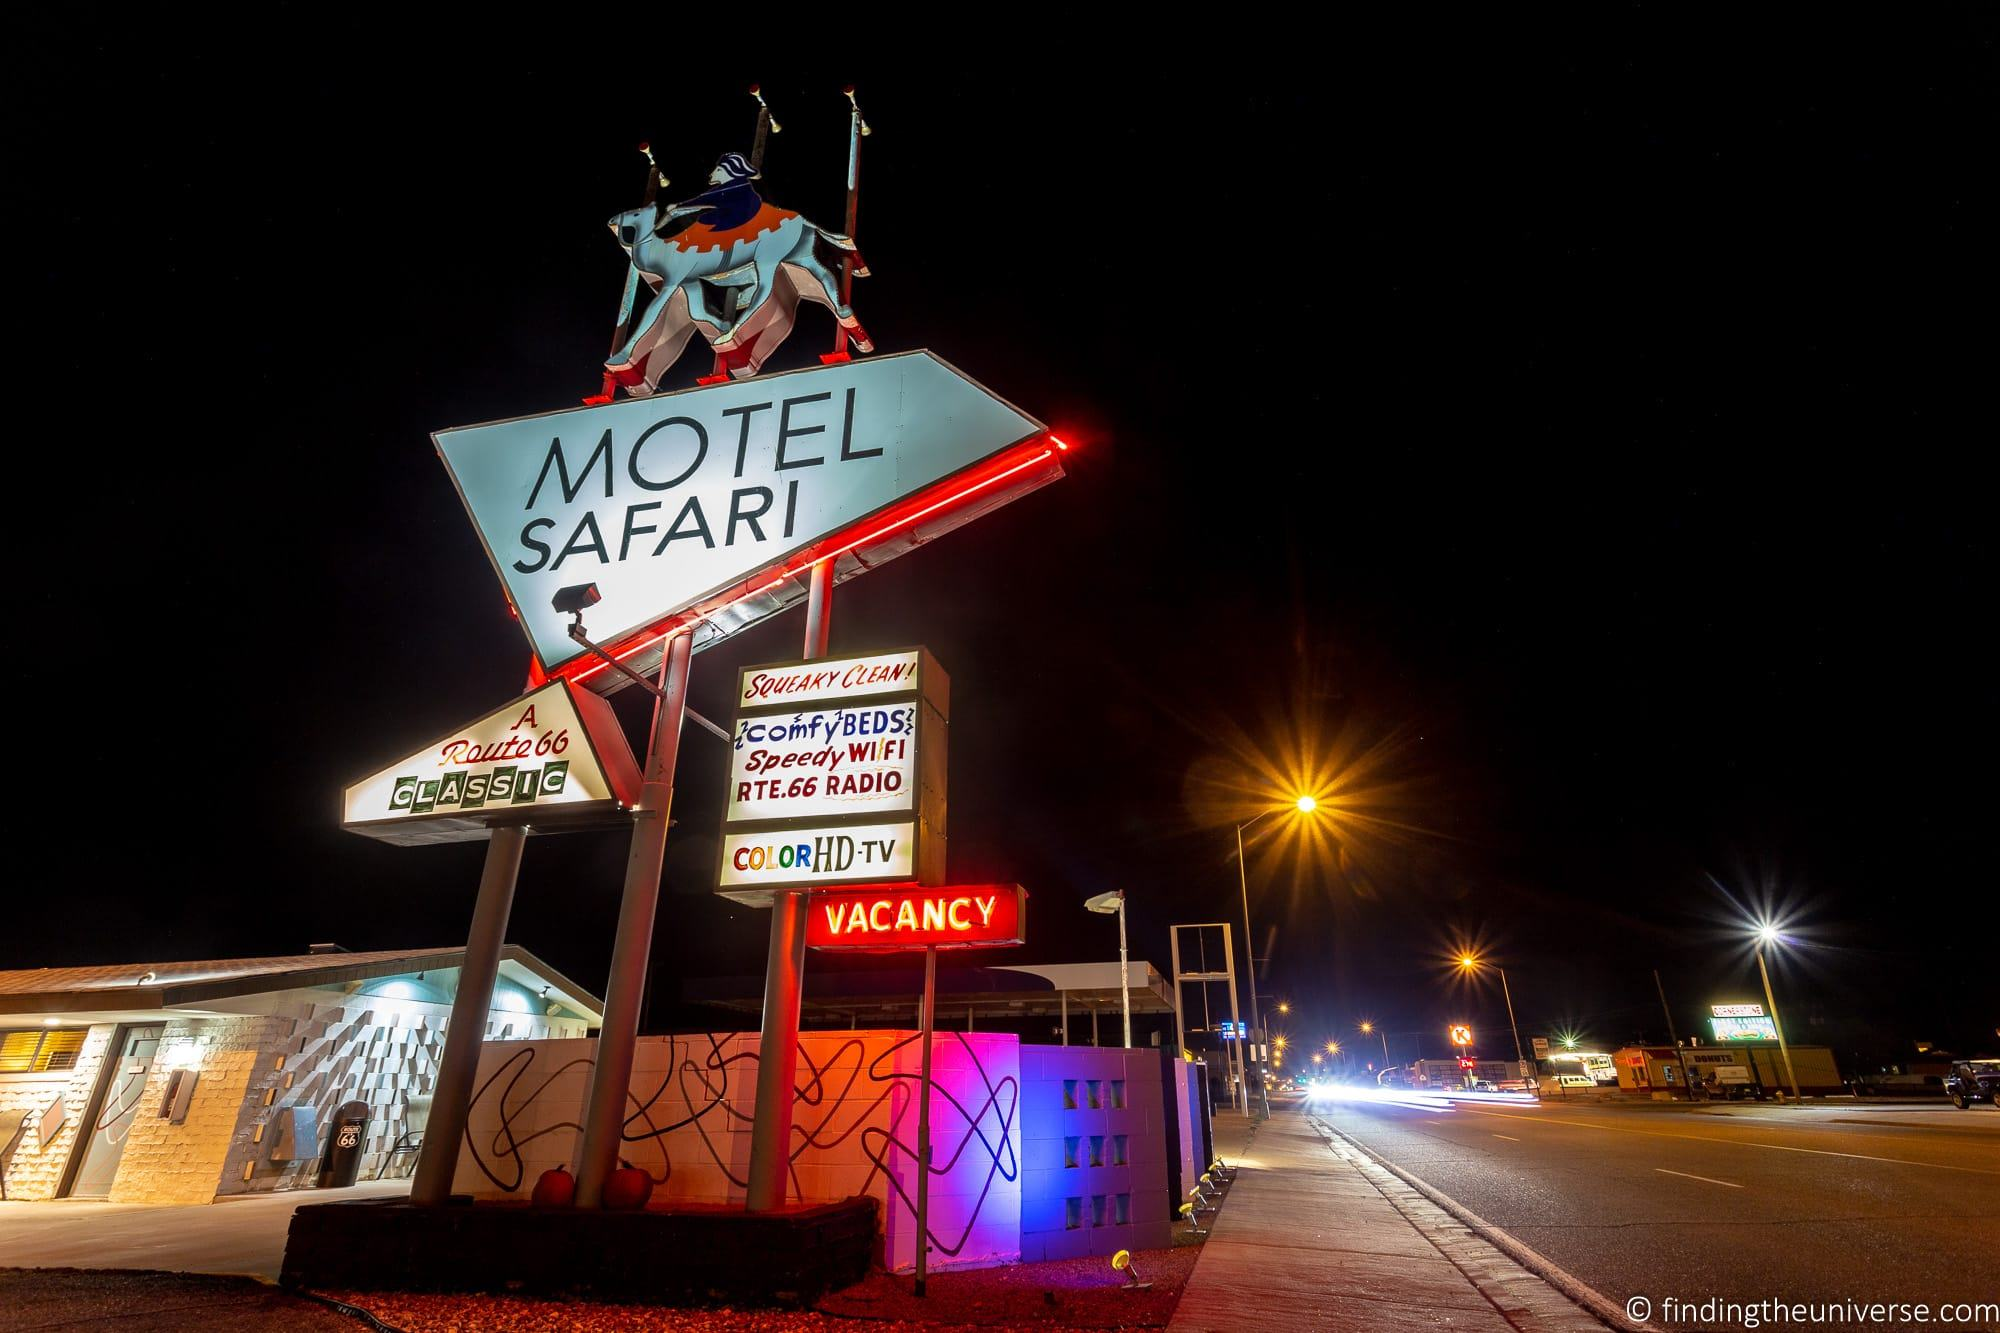 Motel Safari Route 66